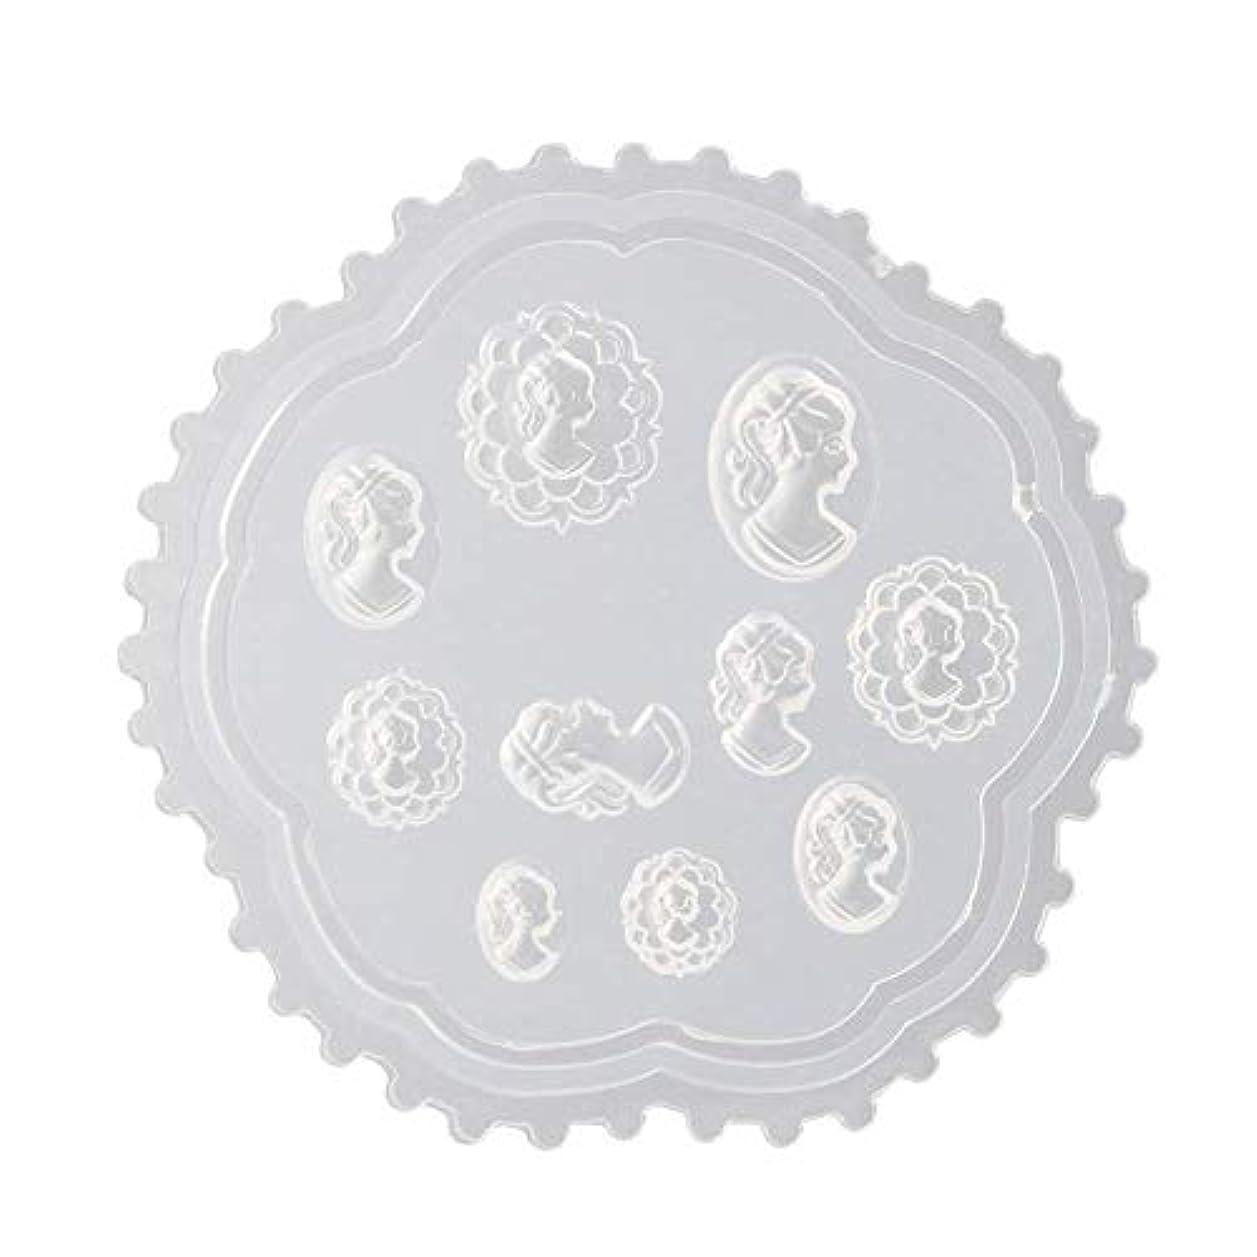 チョコレート追い出す殺人coraly 3Dシリコンモールド ネイル 葉 花 抜き型 3Dネイル用 レジンモールド UVレジン ネイルパーツ ジェル ネイル セット アクセサリー パーツ 作成 (2)